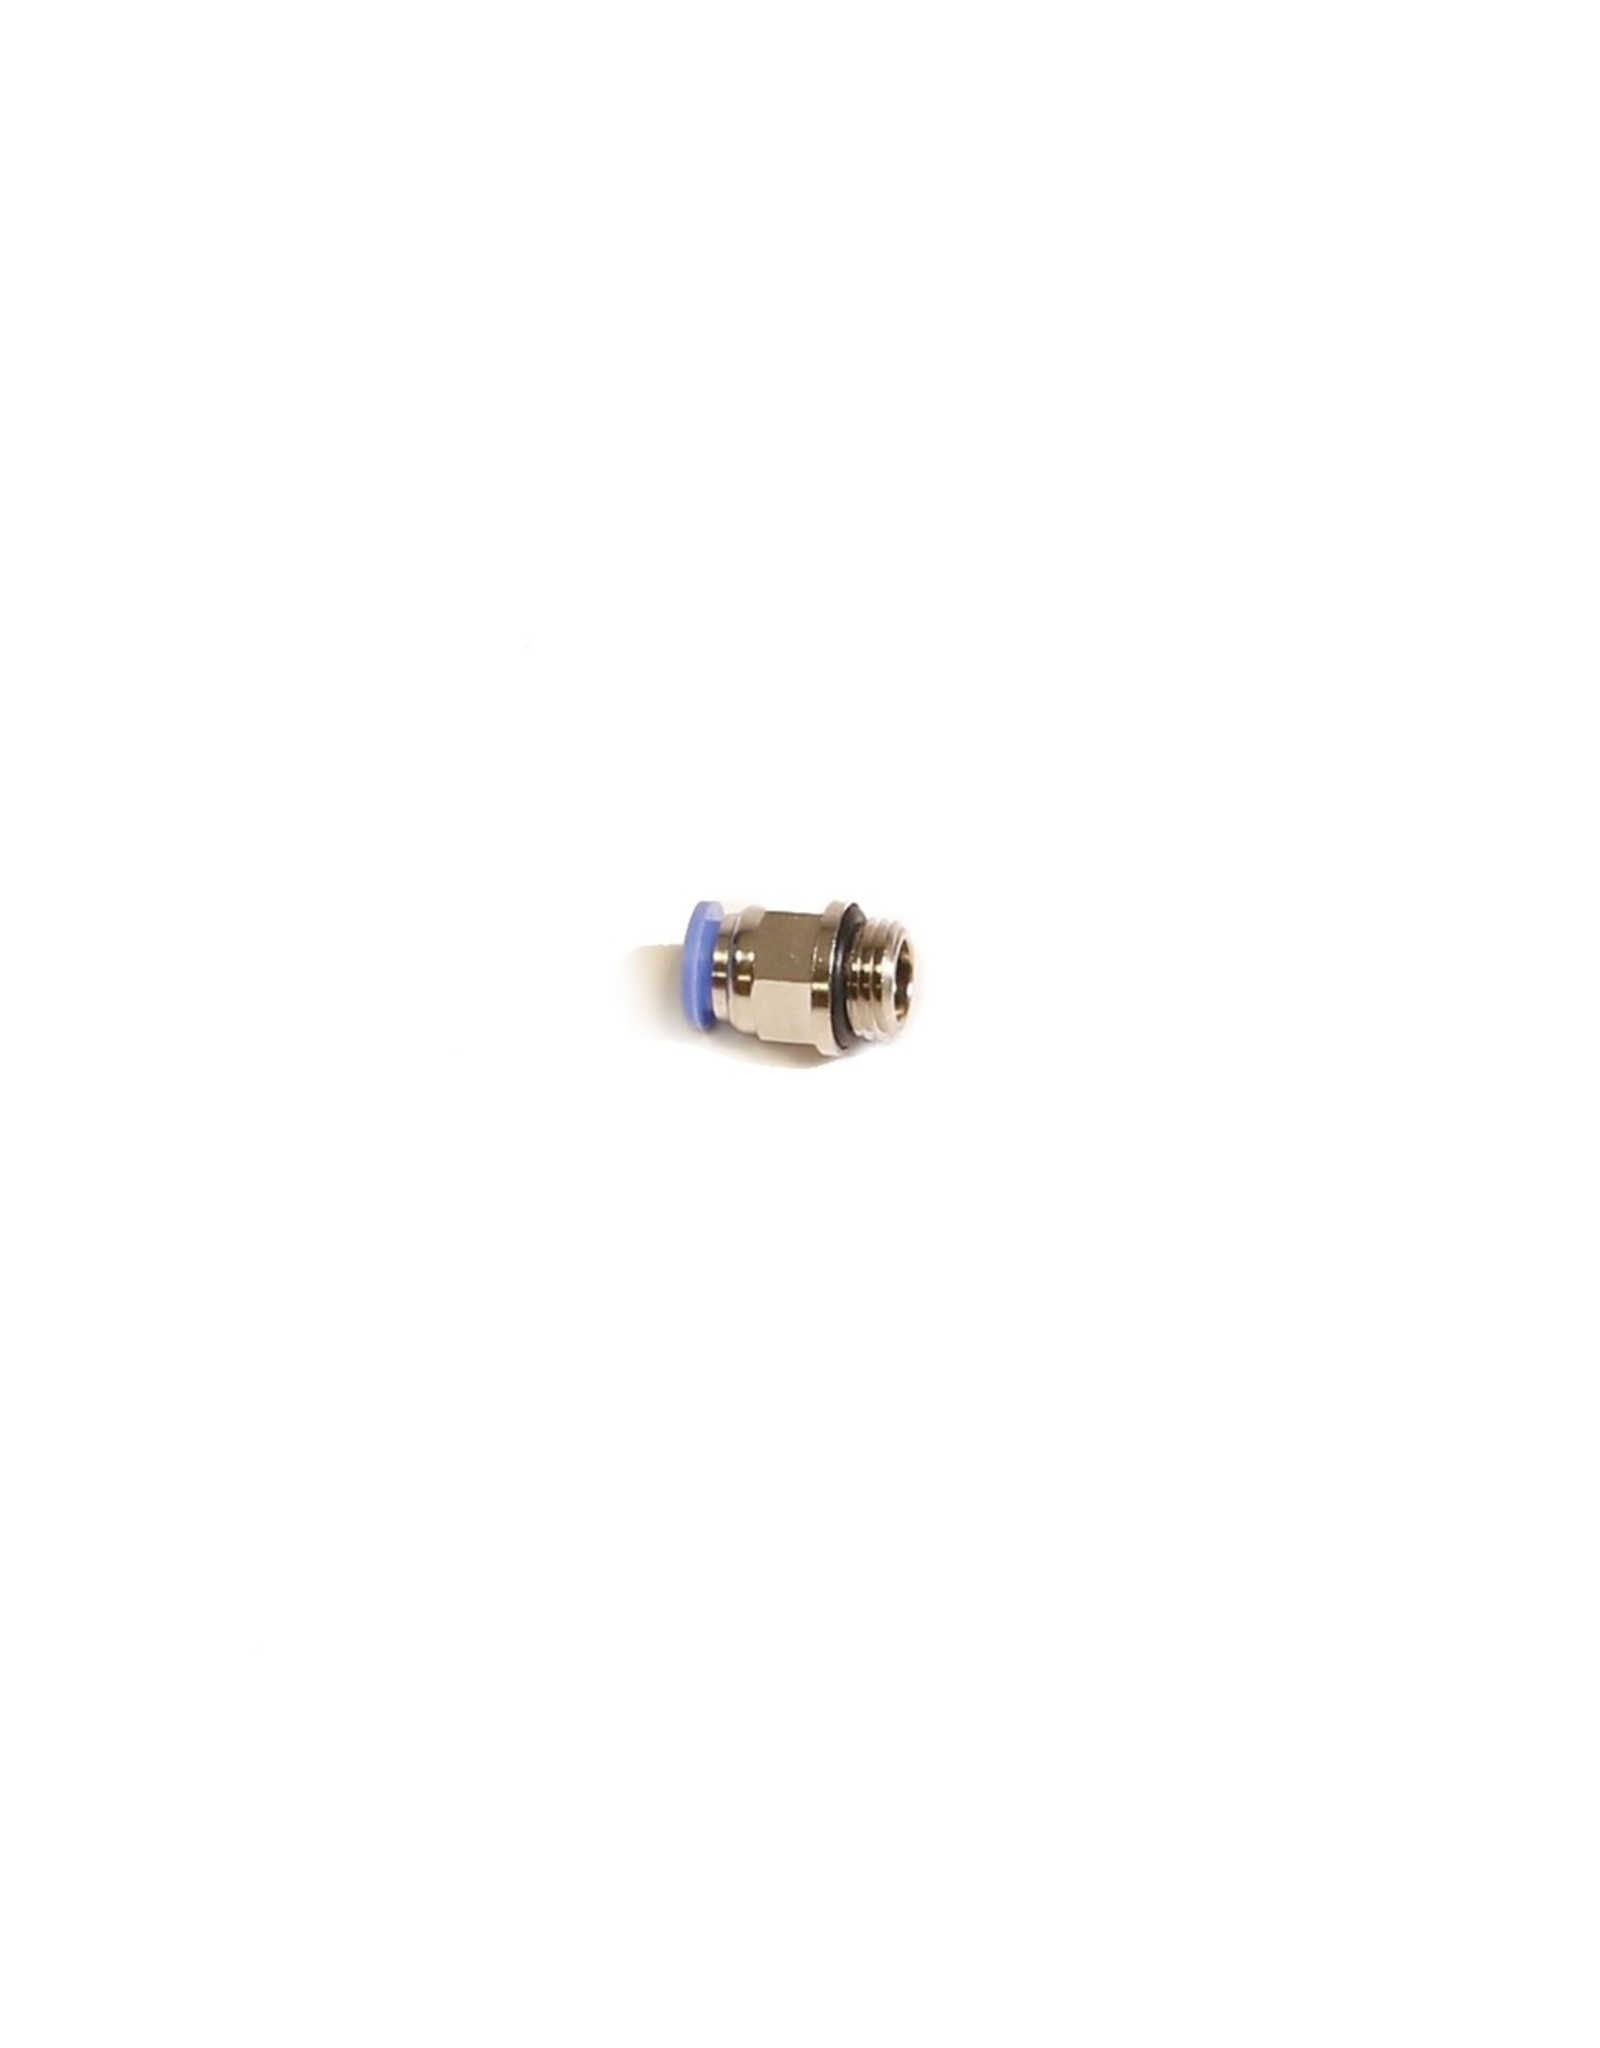 NUMATIC 8MM Snelkoppeling (5565)